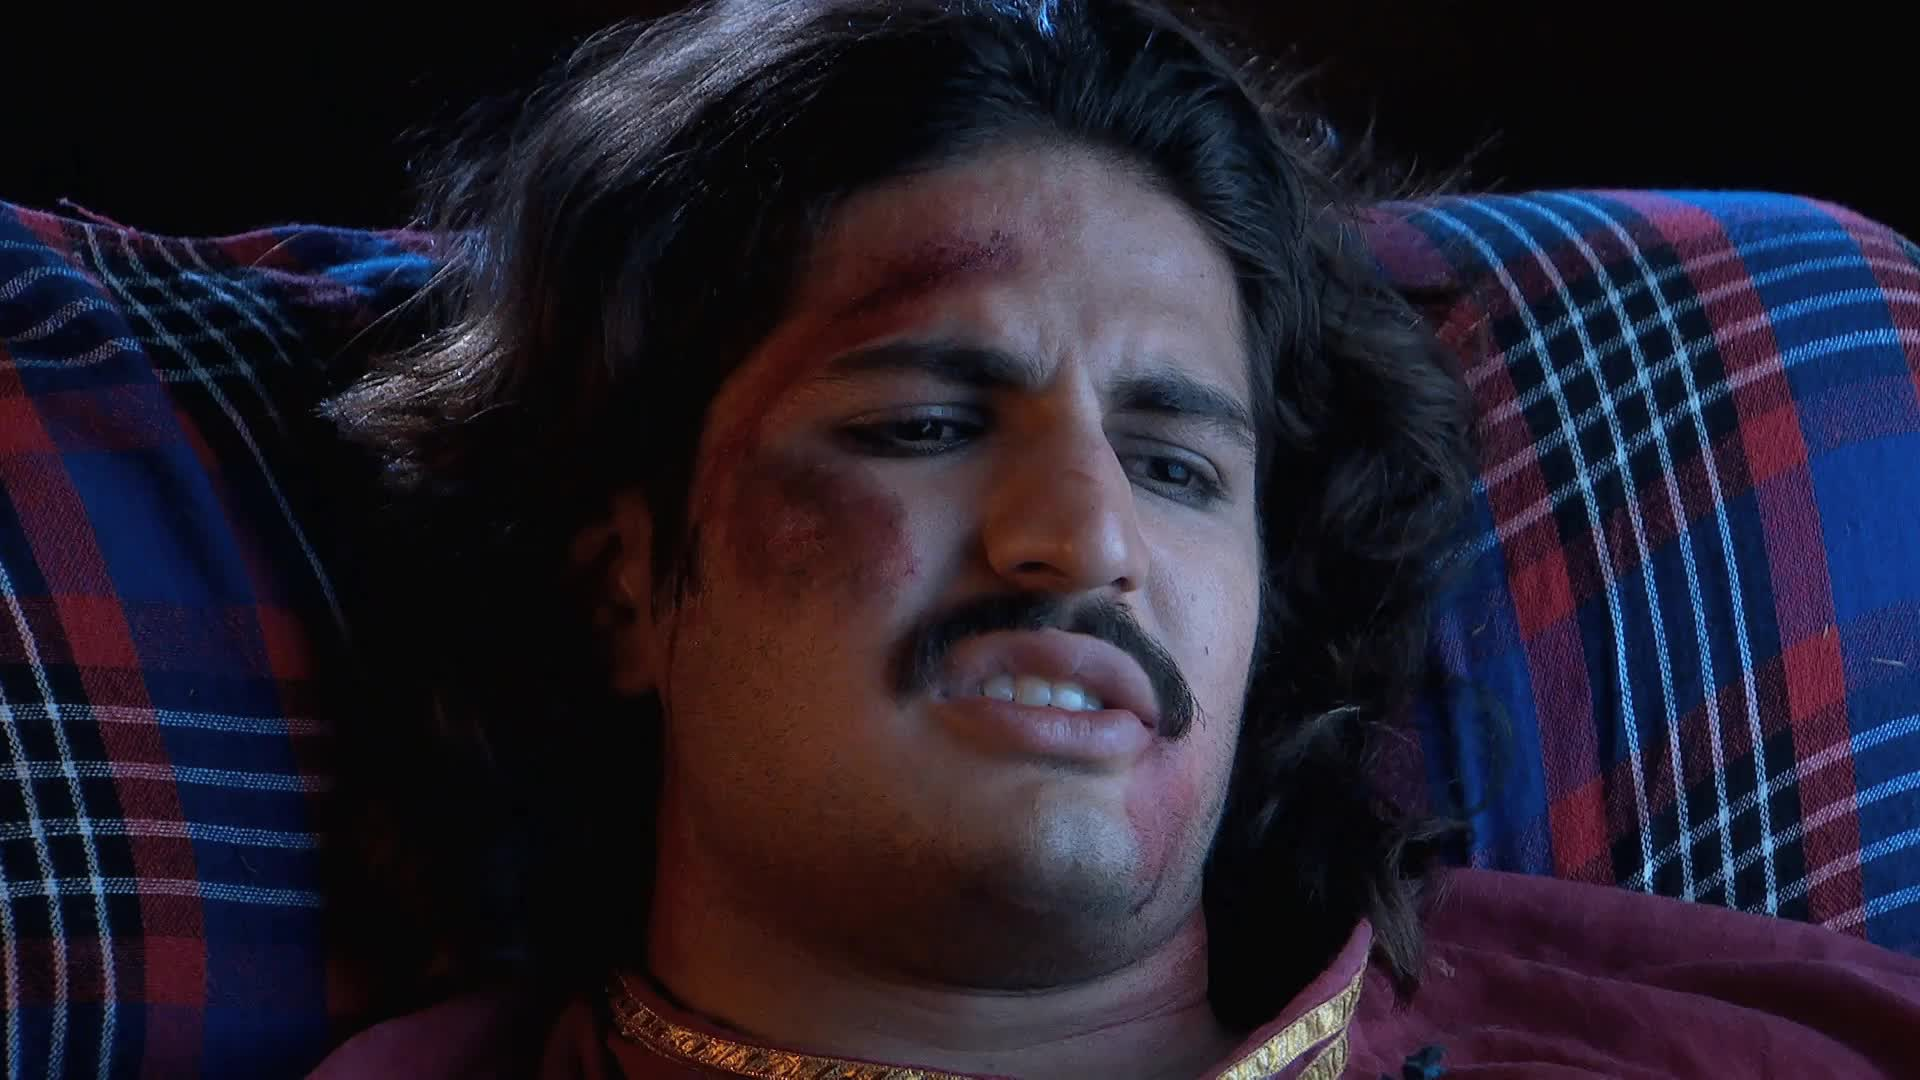 المسلسل الهندي التاريخي جودا أكبر الجزء الثاني (2013) [مدبلج] كامل 1080p تحميل تورنت 15 arabp2p.com